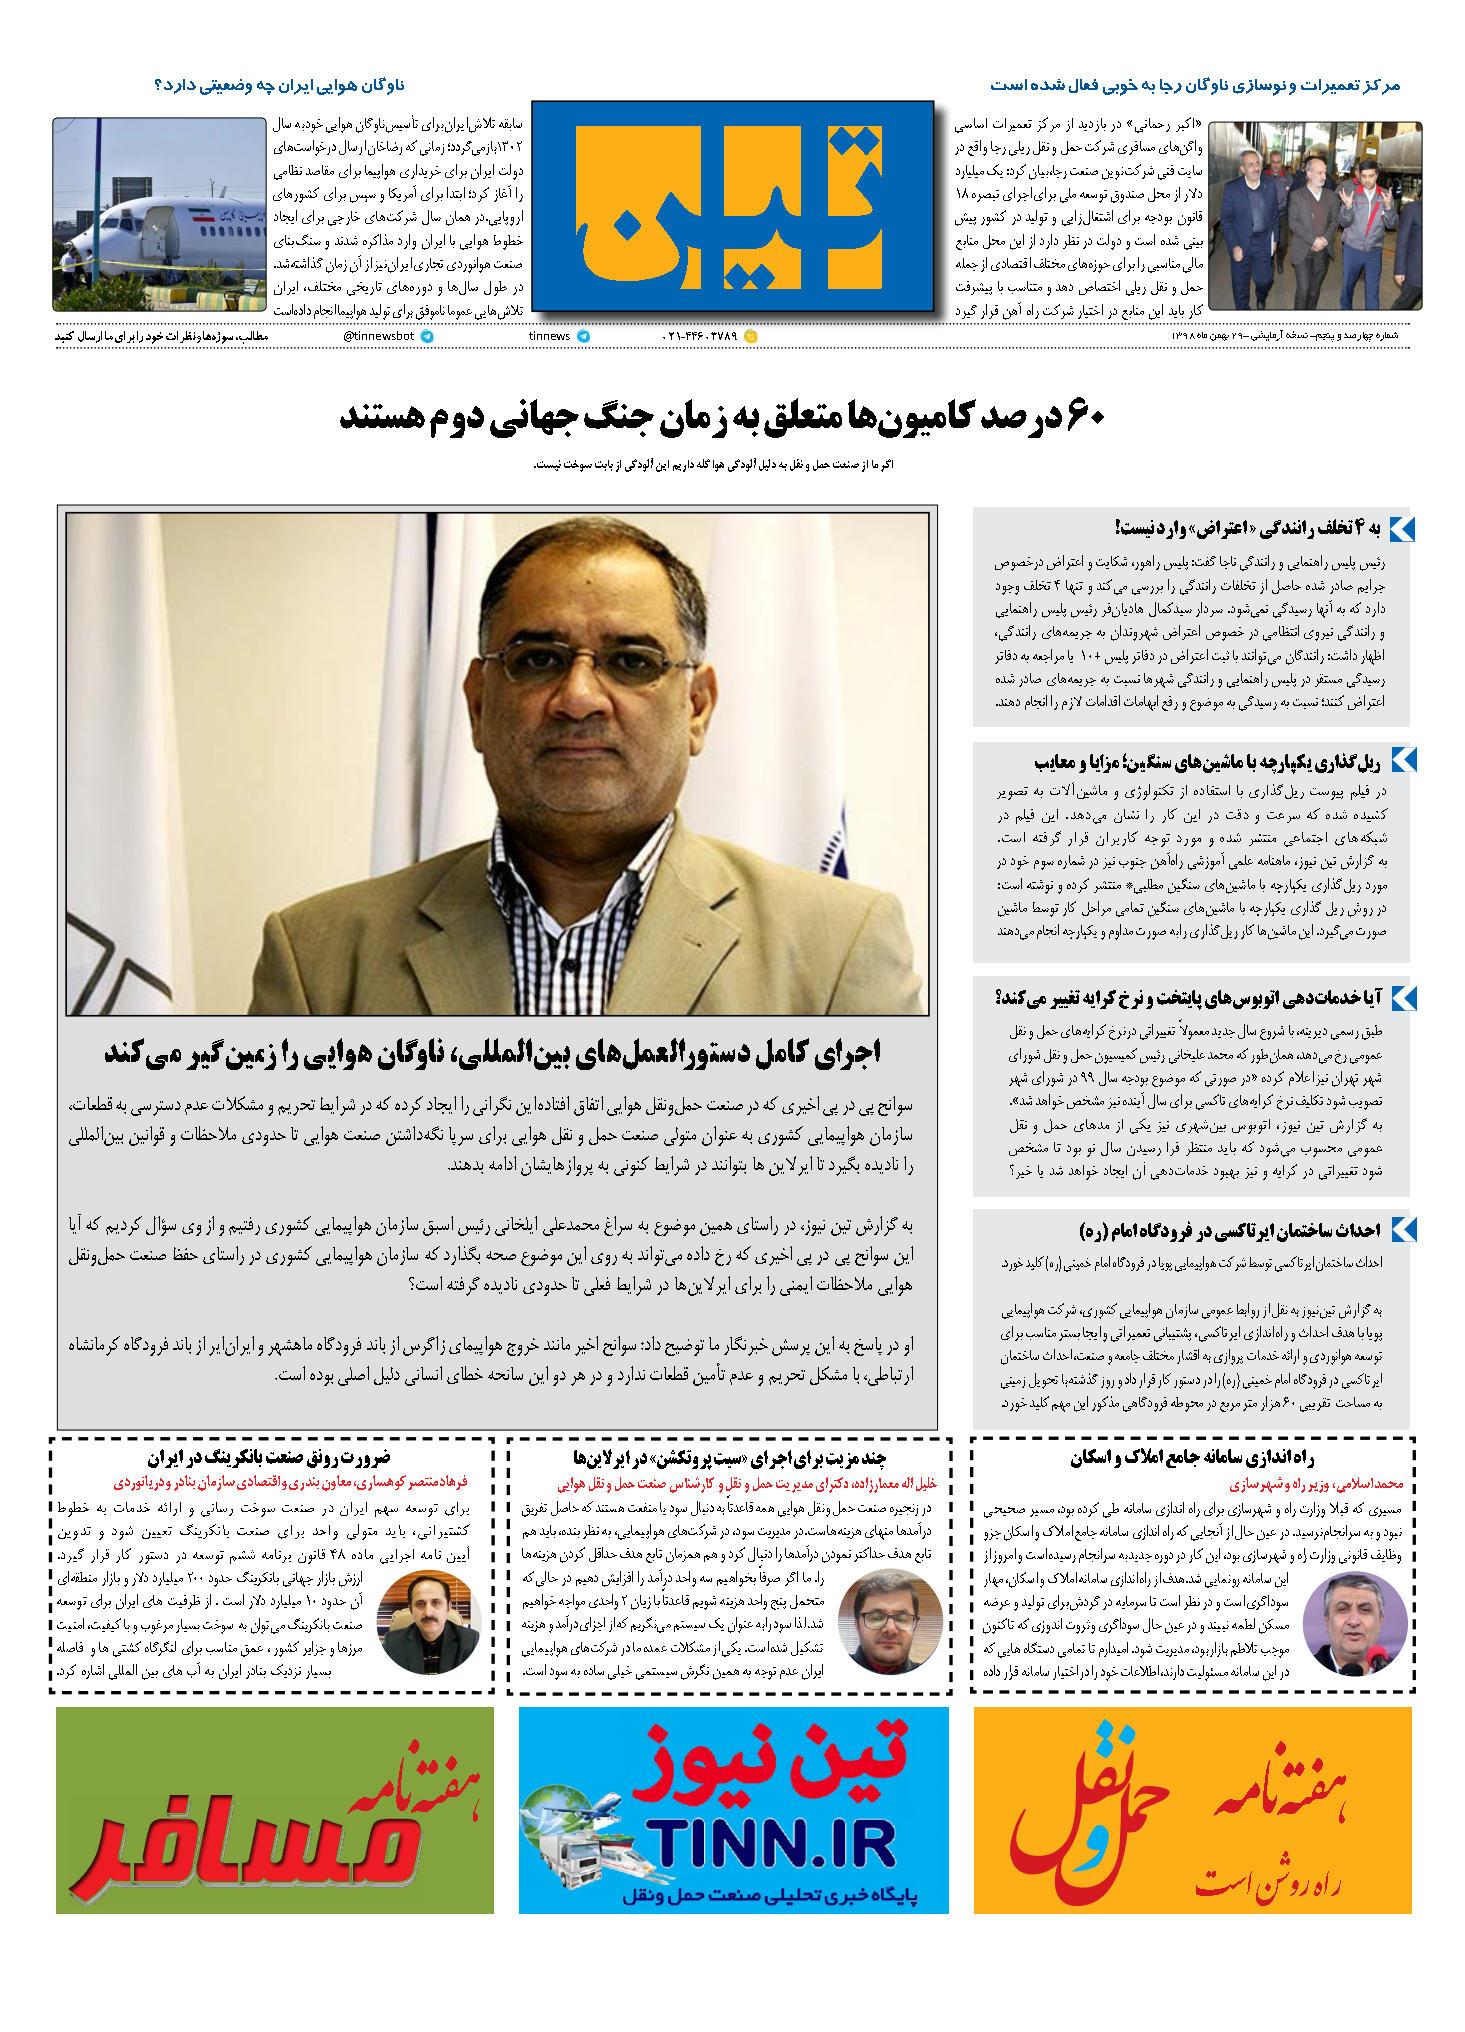 روزنامه الکترونیک 29 بهمن ماه 98